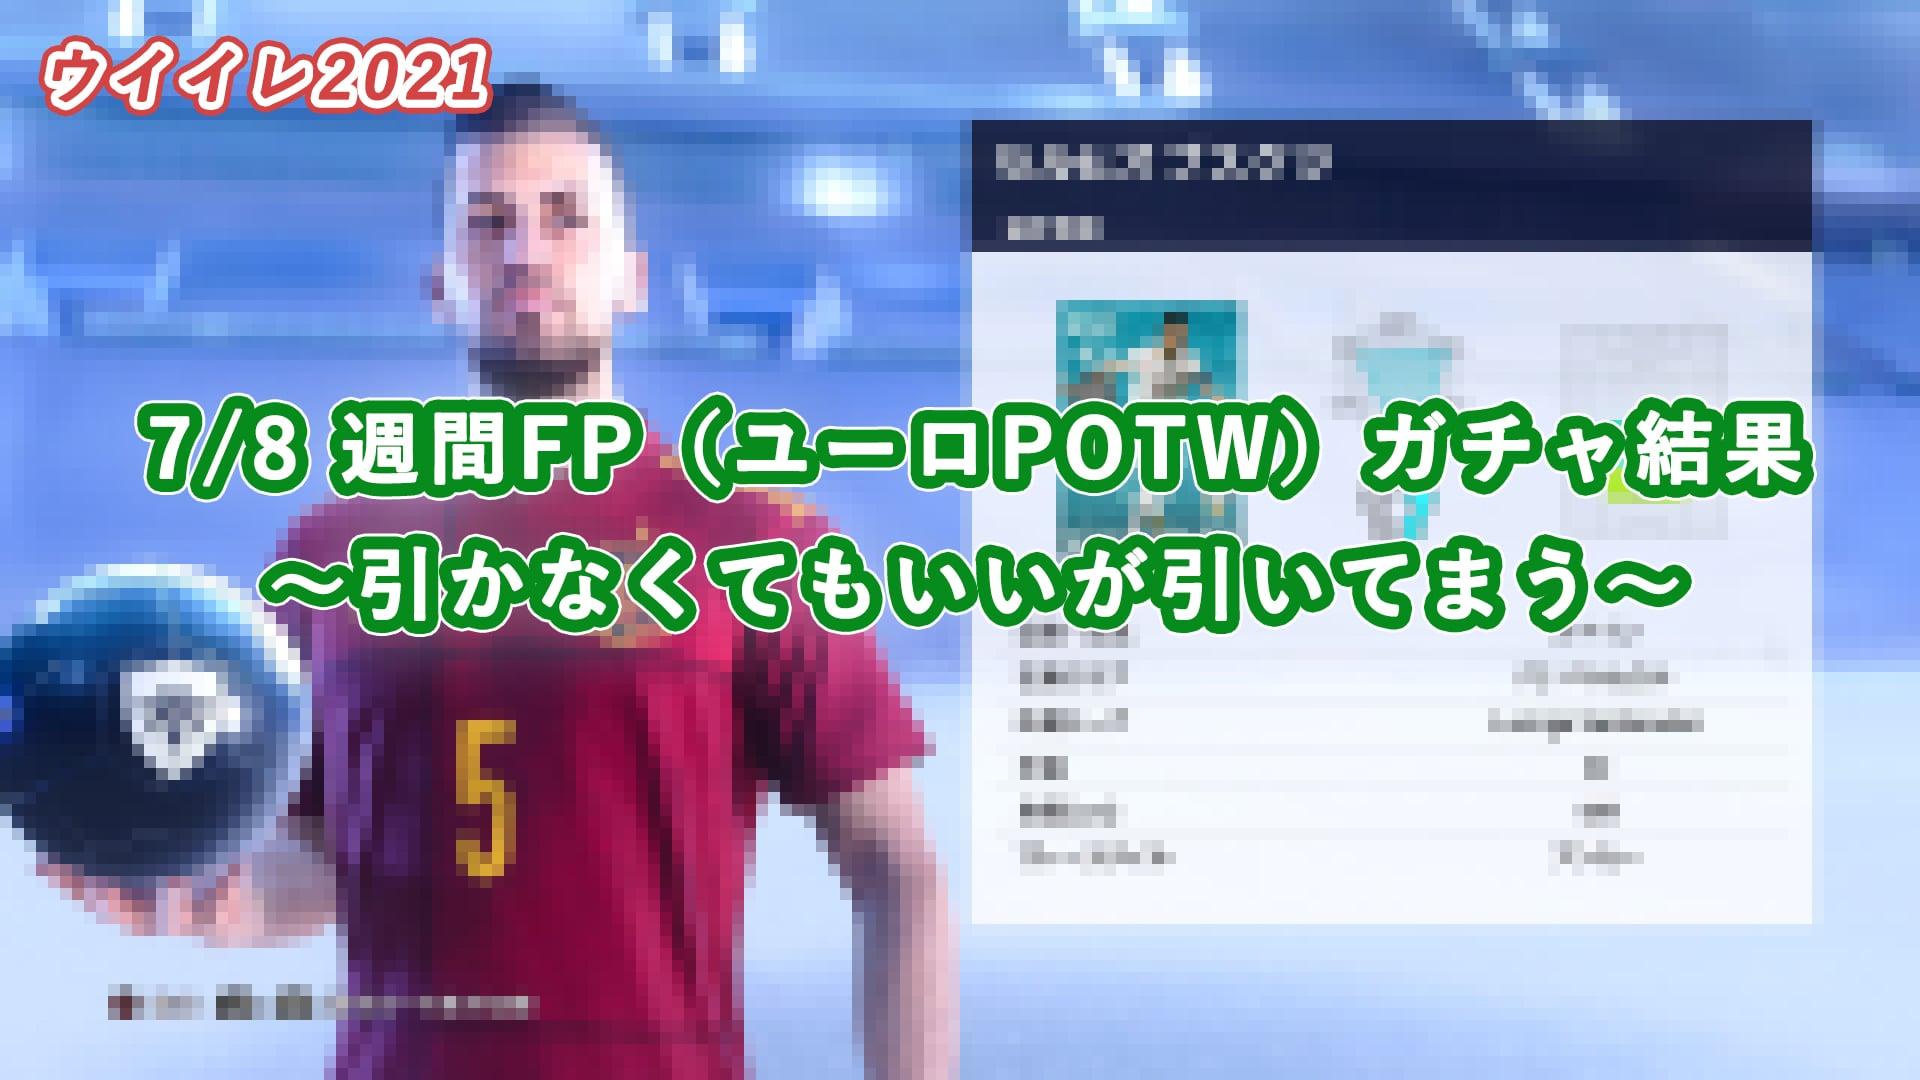 【ウイイレ2021】7/8 週間FP(ユーロPOTW)ガチャ結果 ~引かなくてもいいが引いてまう~